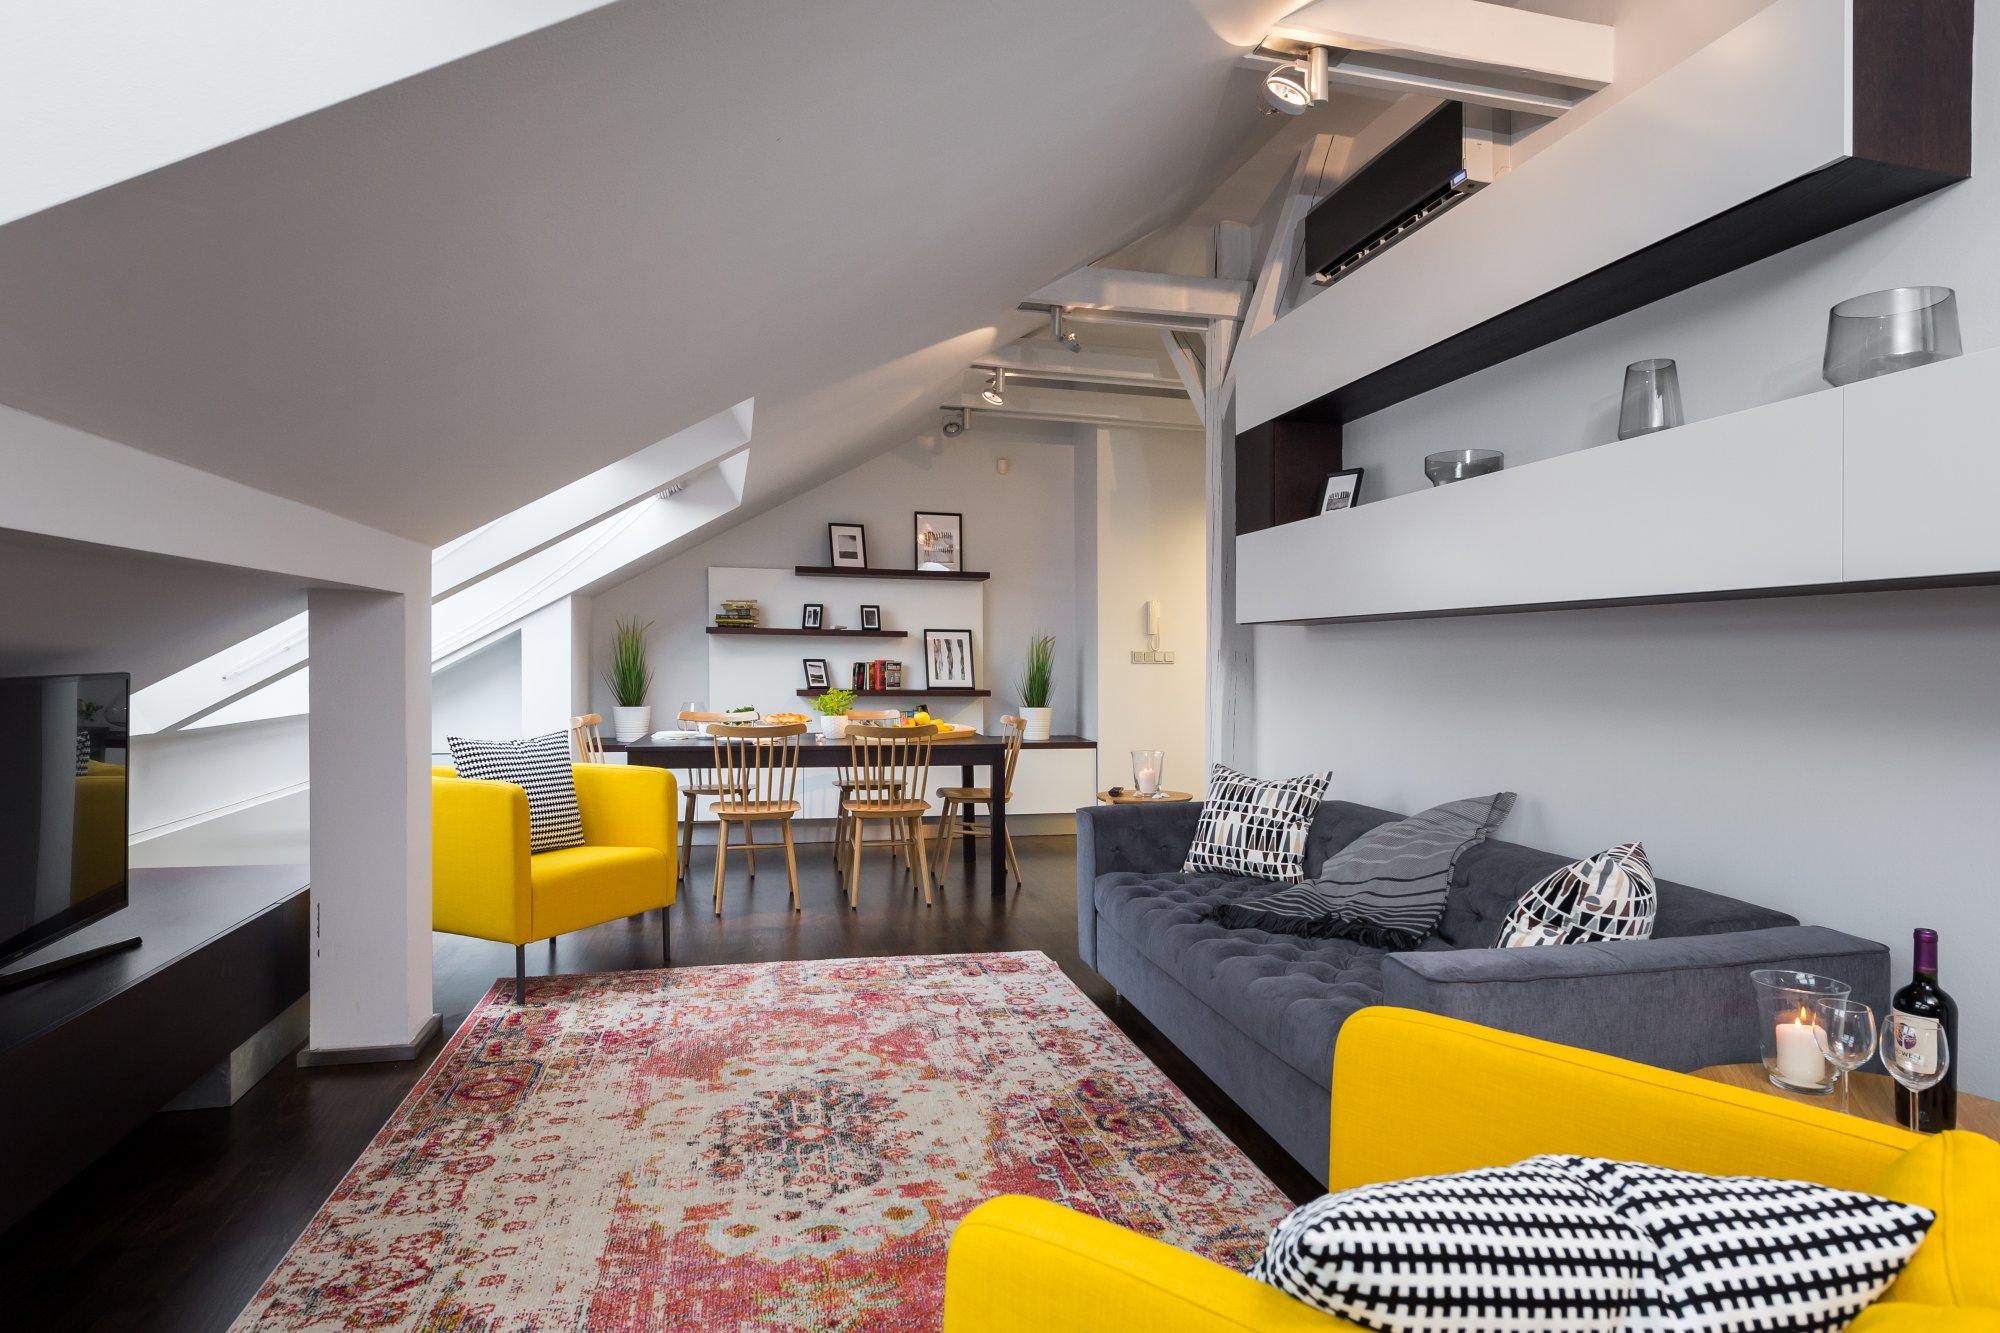 Půdní byt 3+kk, plocha 165 m², ulice Školská, Praha 1 - Nové Město | 3